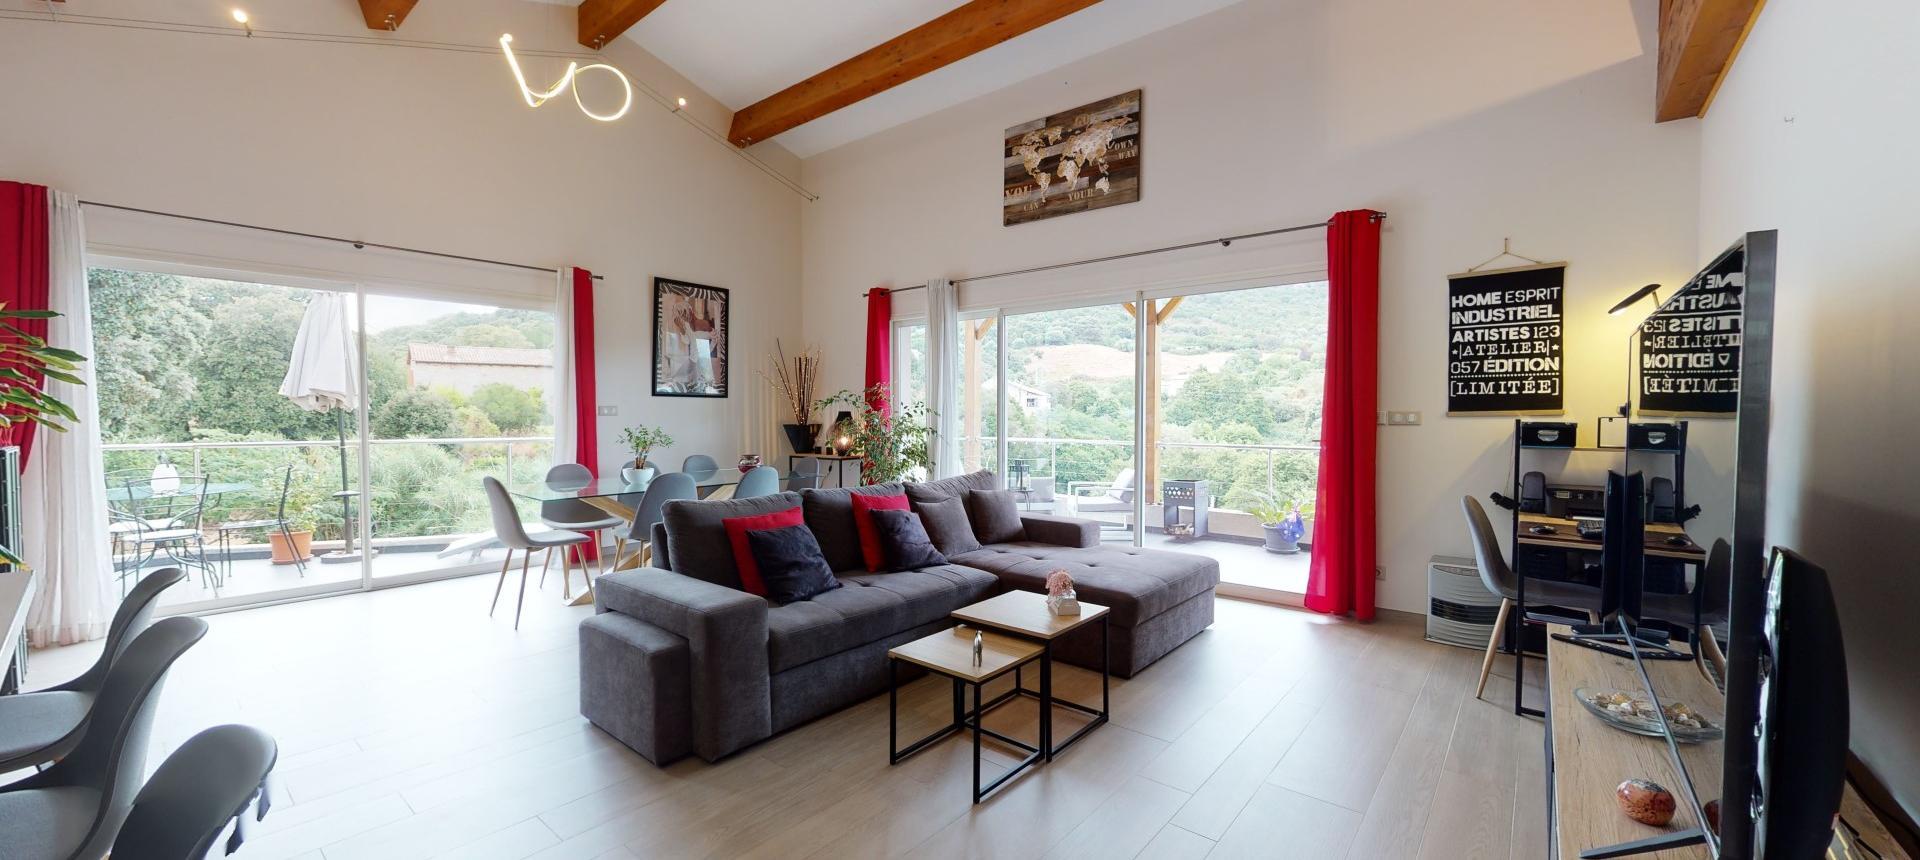 Villa à vendre proche Ajaccio - San Benedetto - Vue séjour 2 - RDC